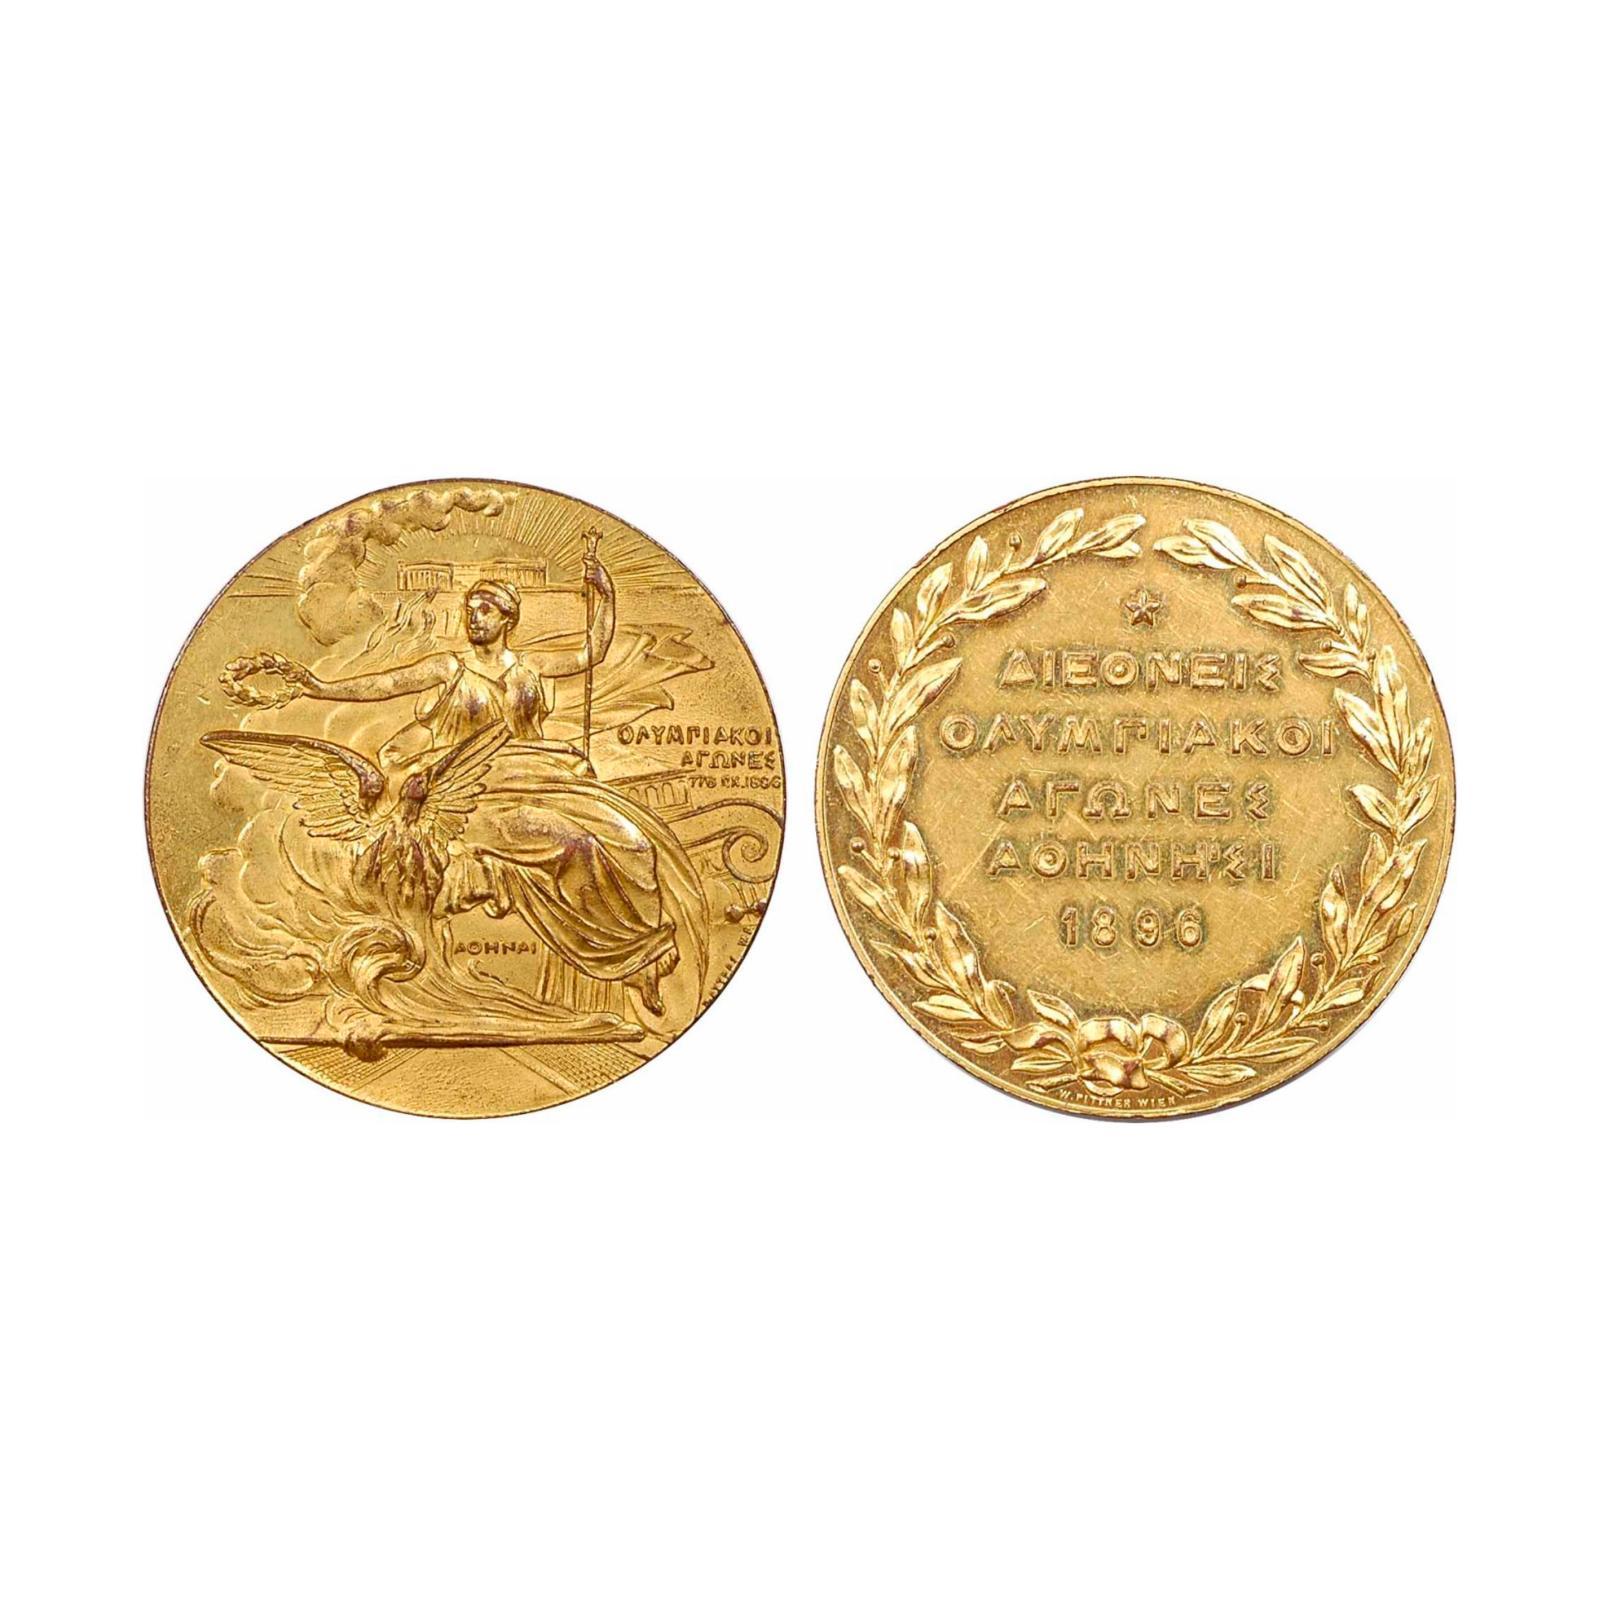 733€ Ateliers Pittner à Vienne, Autriche, médaille de participant aux Jeux d'Athènes de 1896, bronze doré, diam.49,7mm, poids58,06g.P